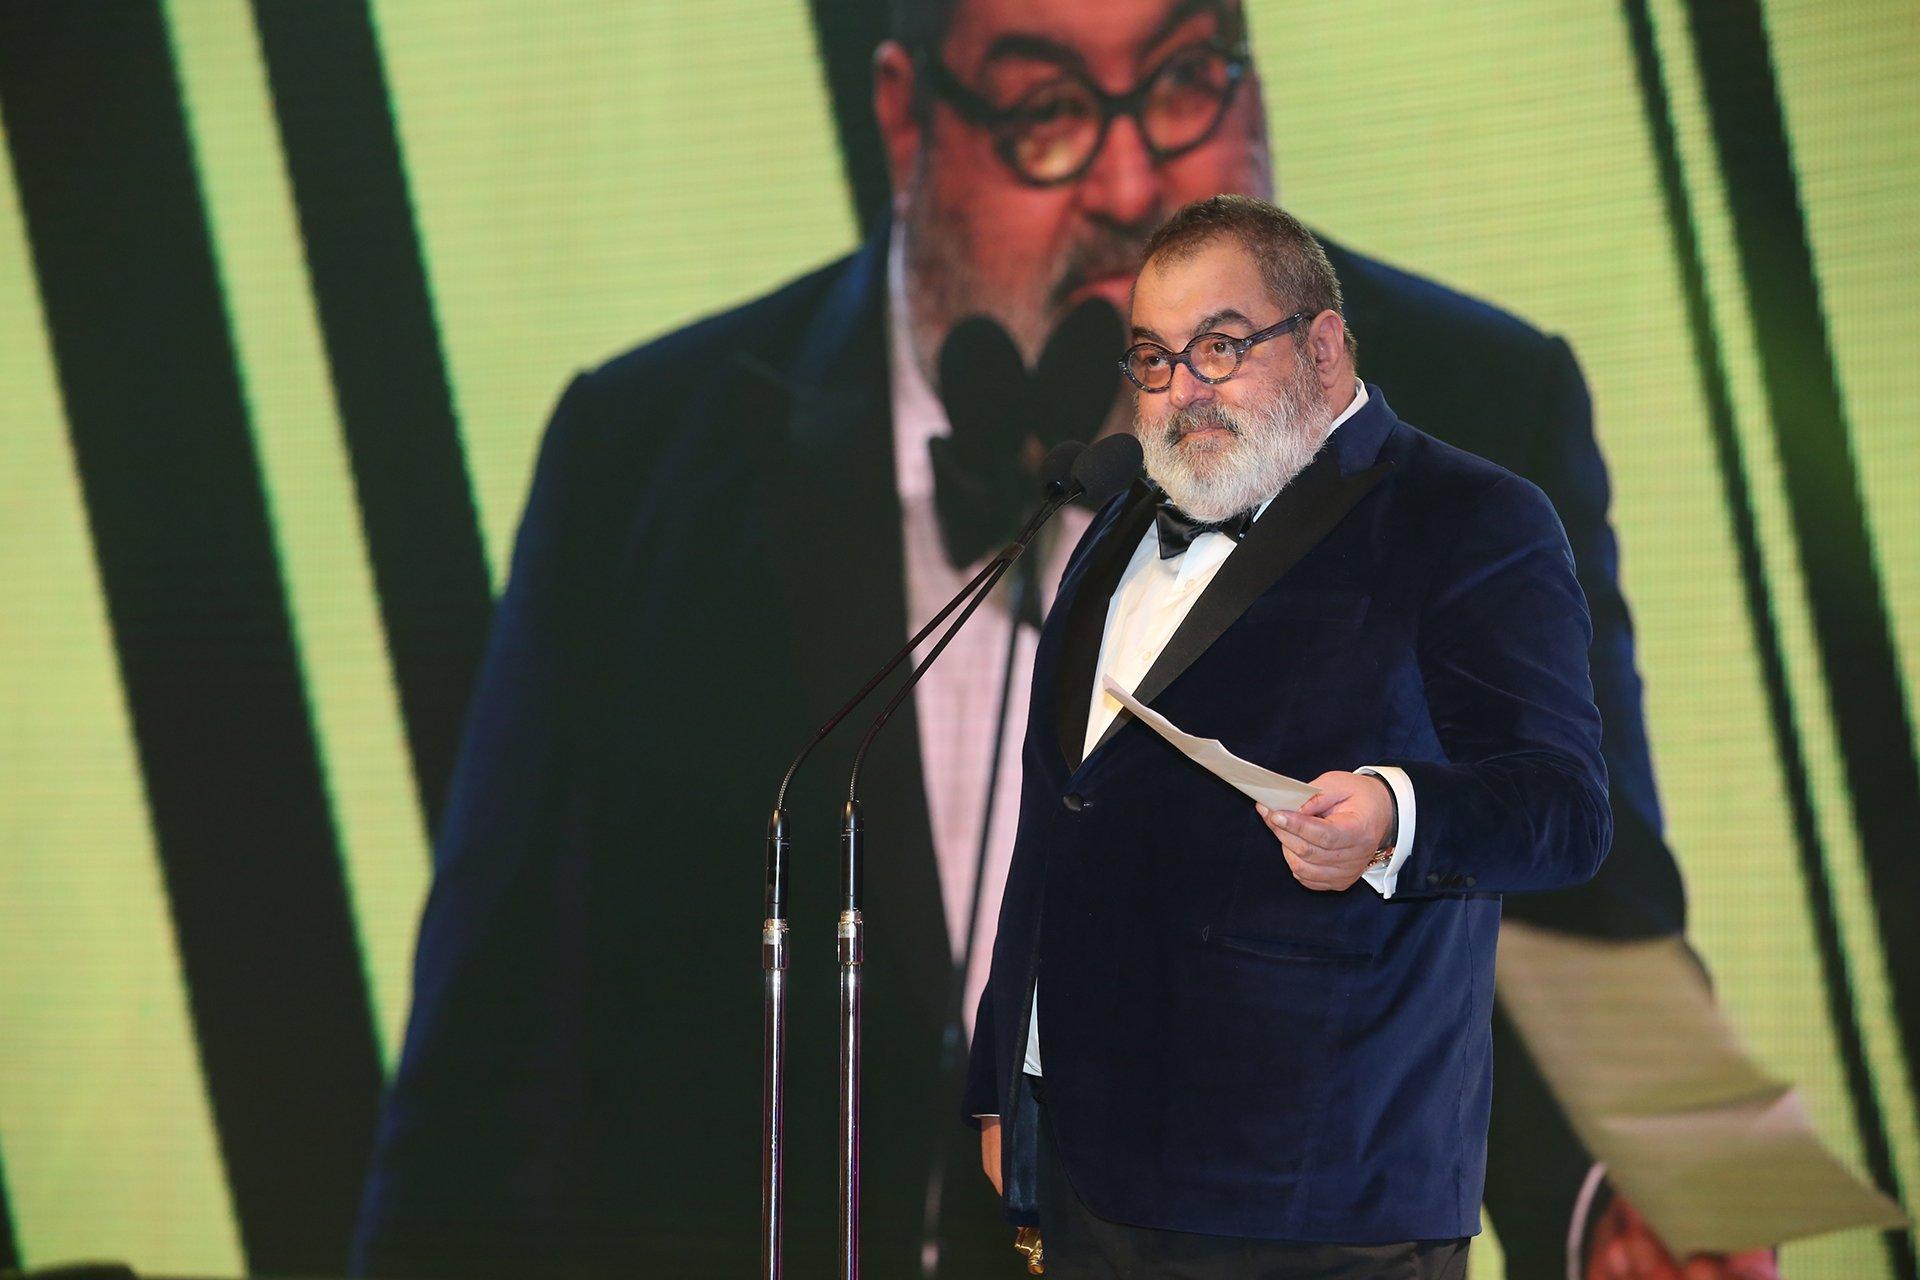 Jorge Lanata, el periodista multipremiado en la noche de los Martín Fierro, pronunció tres discursos de fuerte contenido político que fue lo más comentado de la noche.